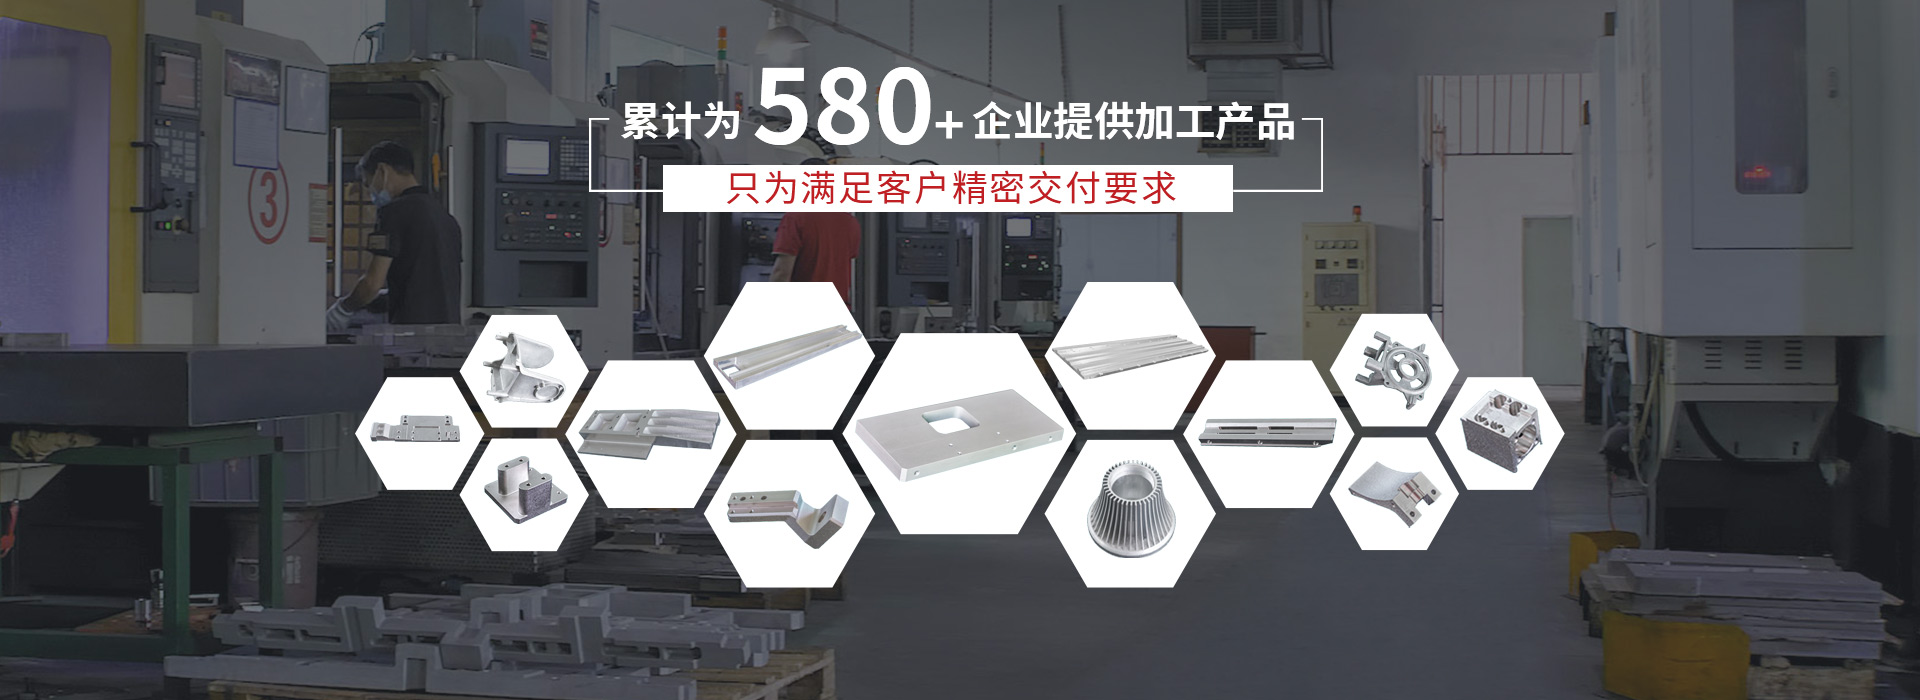 乐麒腾-累计为580+企业提供加工产品